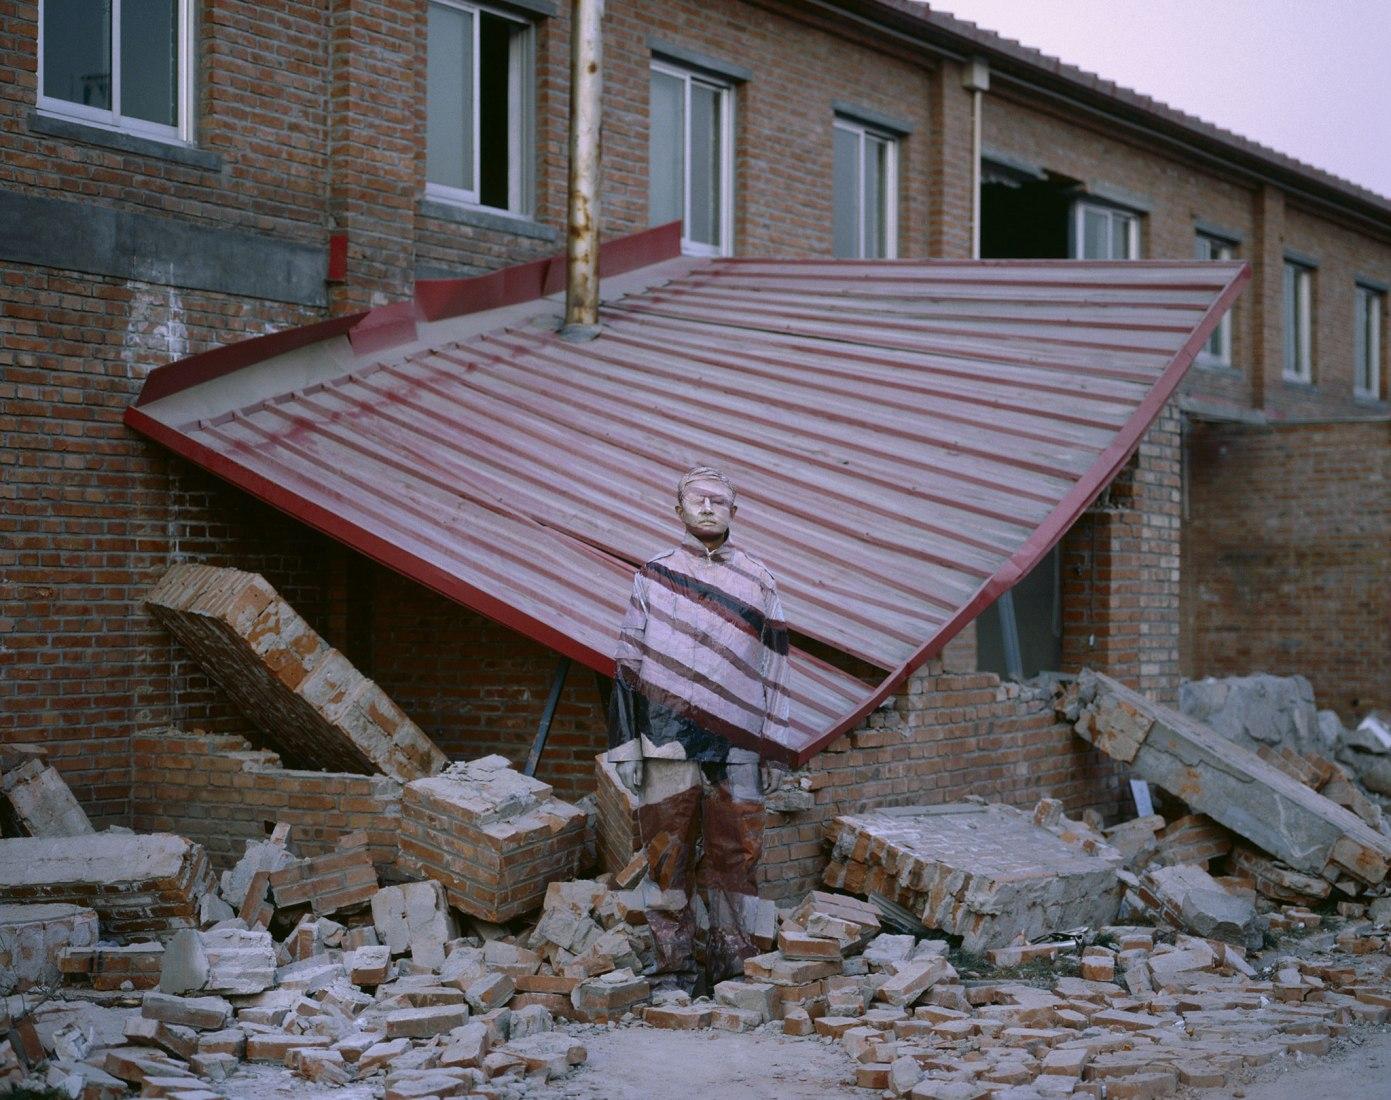 SuojiaVillage, Beijing, 2005. El hombre invisible, Liu Bolin, en el palacio de gaviria. Cortesía de Boxart, Verona.